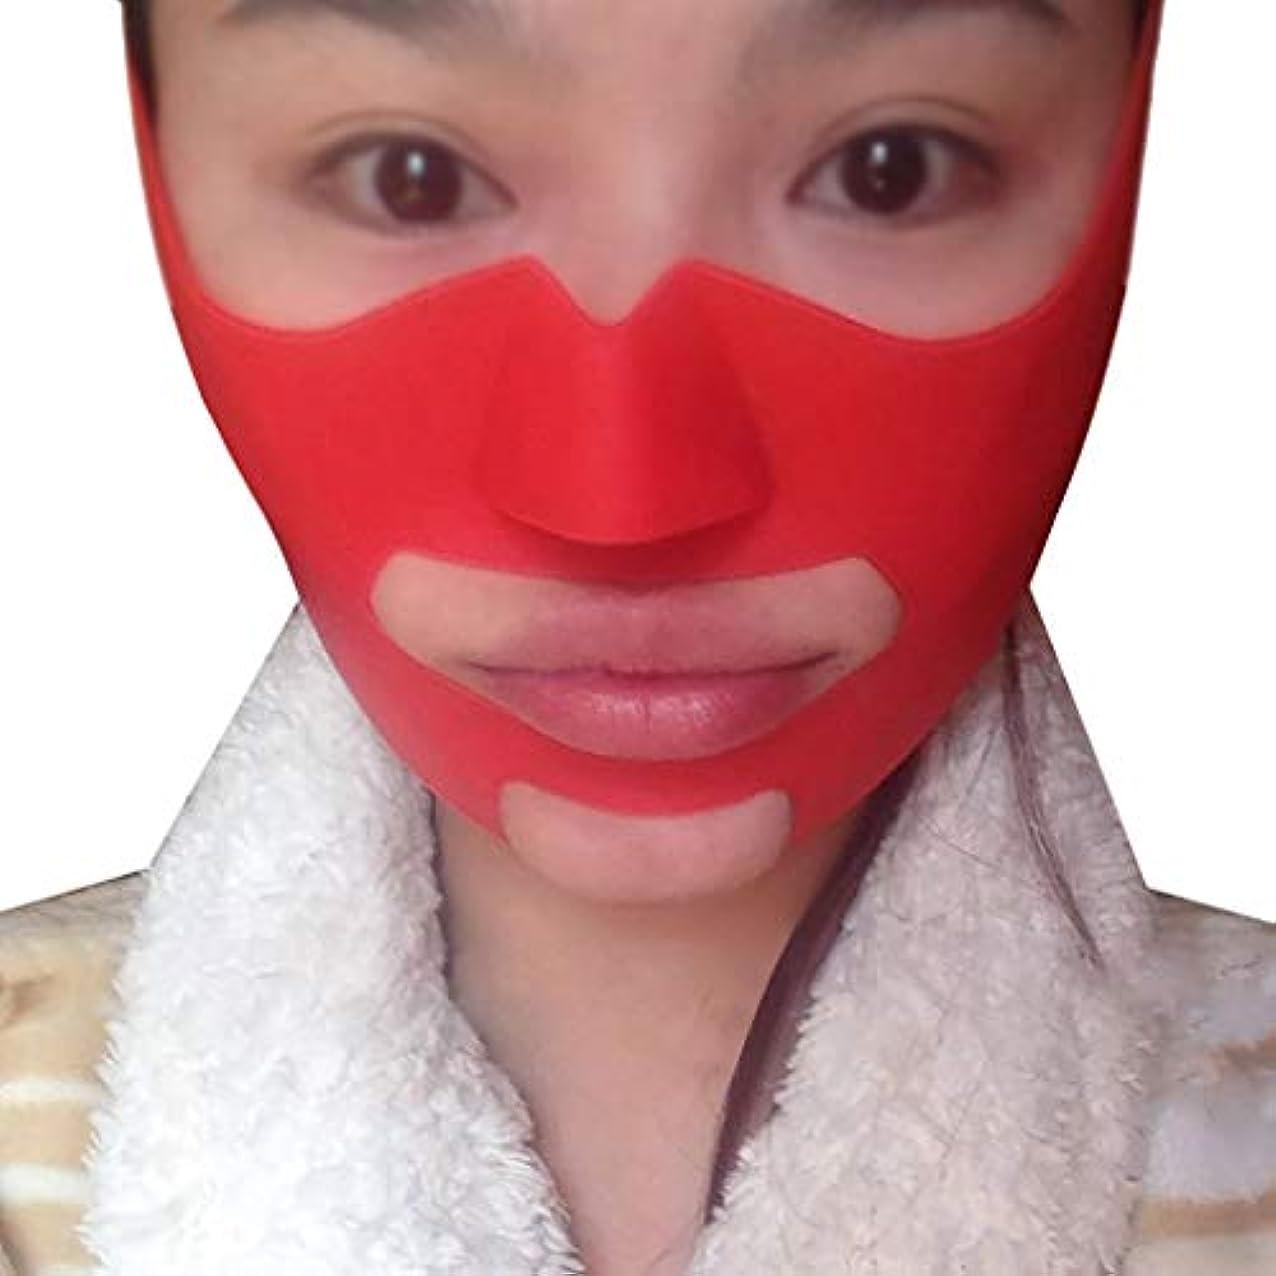 爆風編集するアウターTLMY 薄いフェイスマスクシリコーンVマスクマスク強い痩身咬合筋肉トレーナーアップル筋肉法令パターンアーティファクト小さなVフェイス包帯薄いフェイスネックリフト 顔用整形マスク